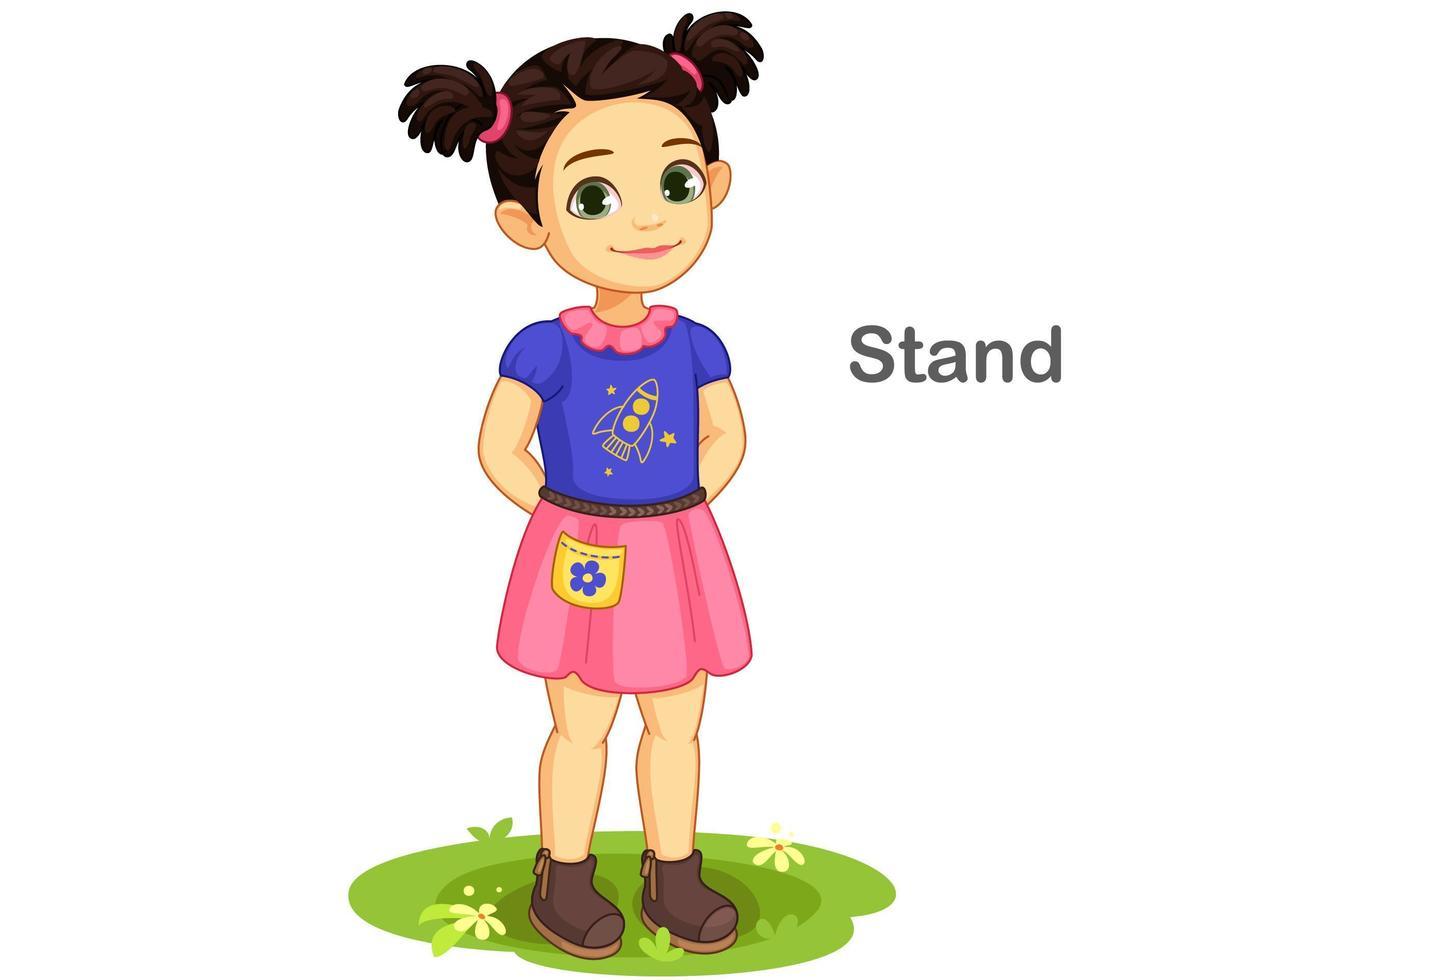 söt flicka i stående pose vektor